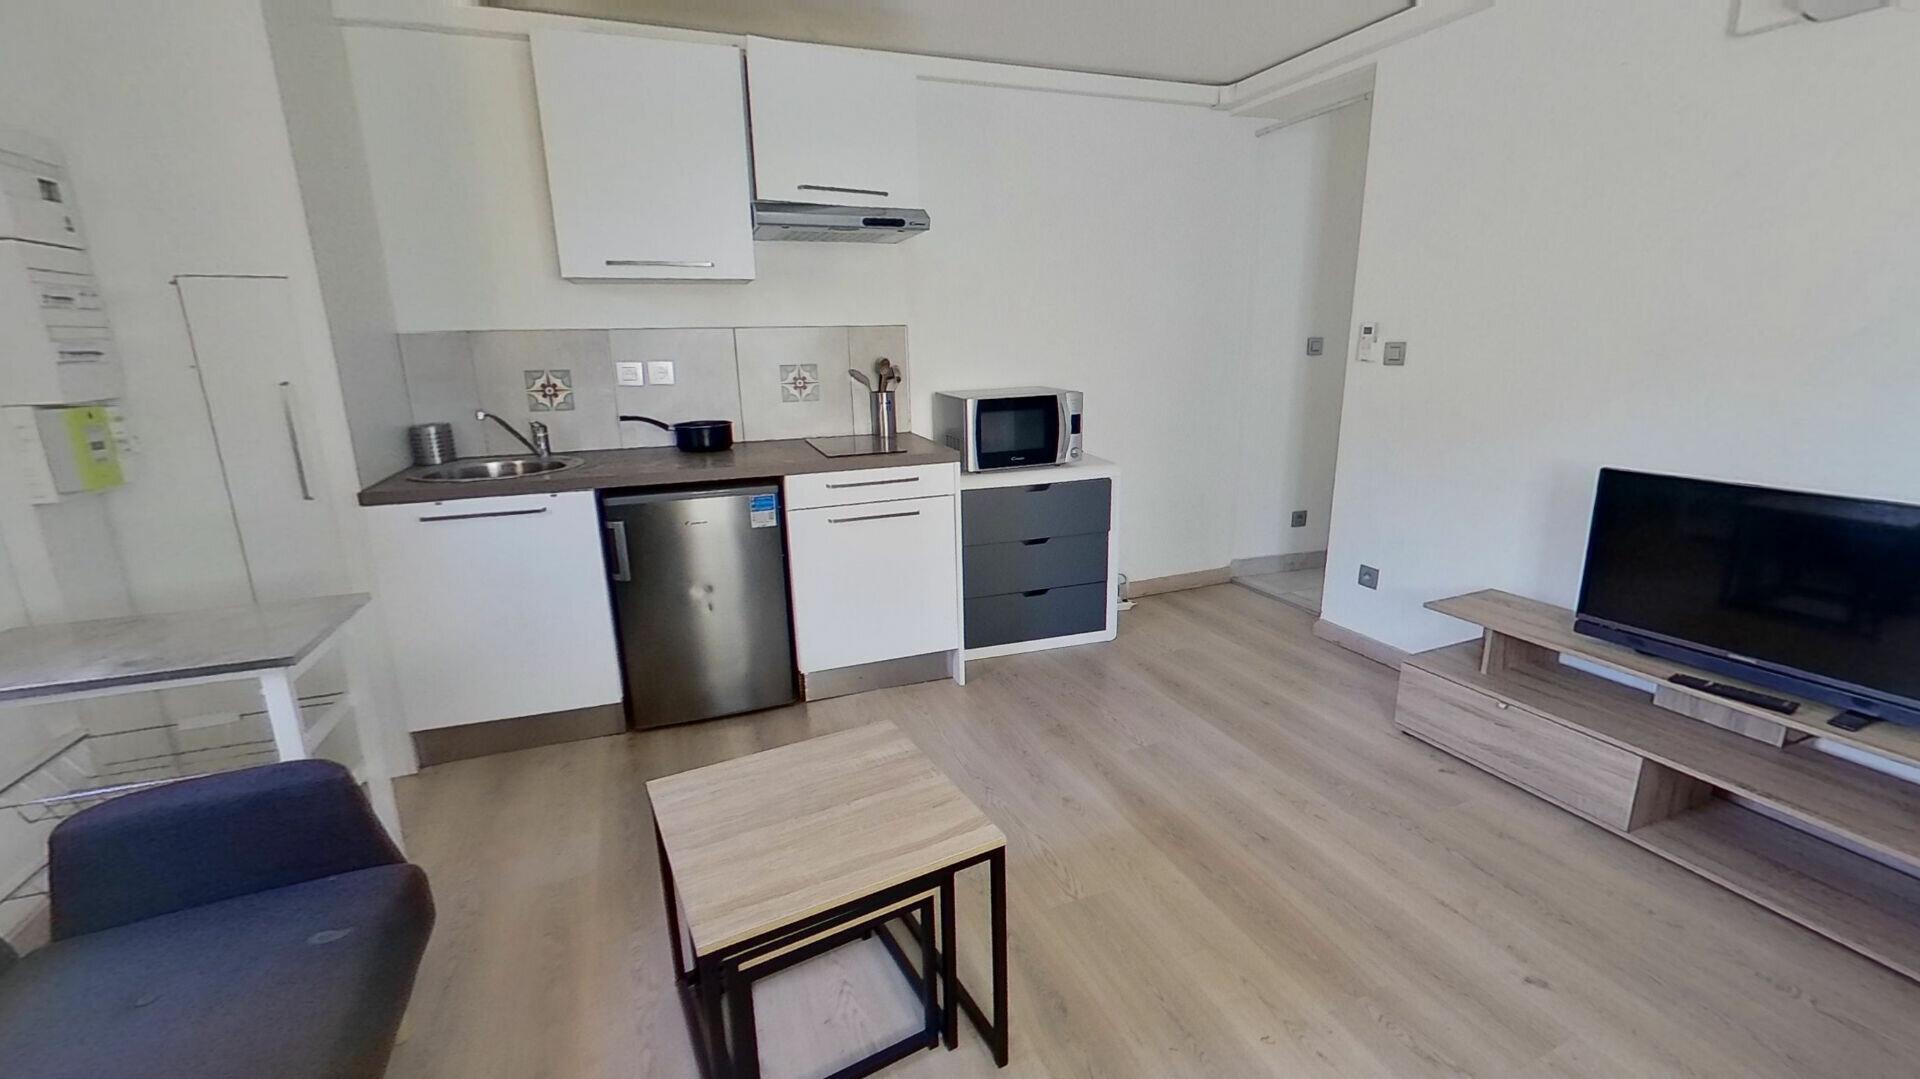 Appartement à louer 2 31.3m2 à Caluire-et-Cuire vignette-1